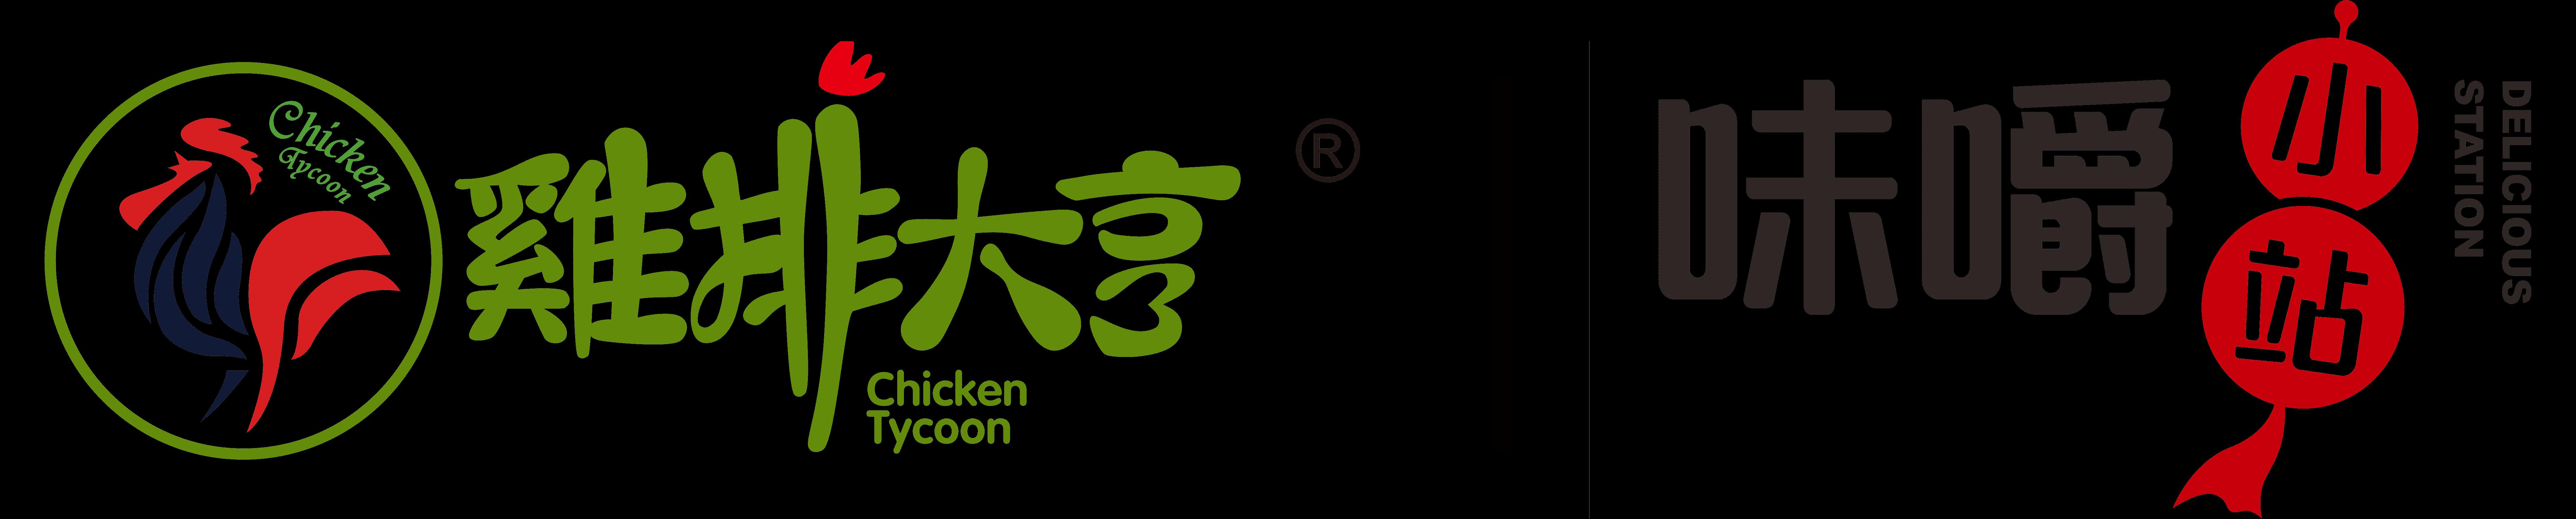 福建省大亨企業管理有限公司